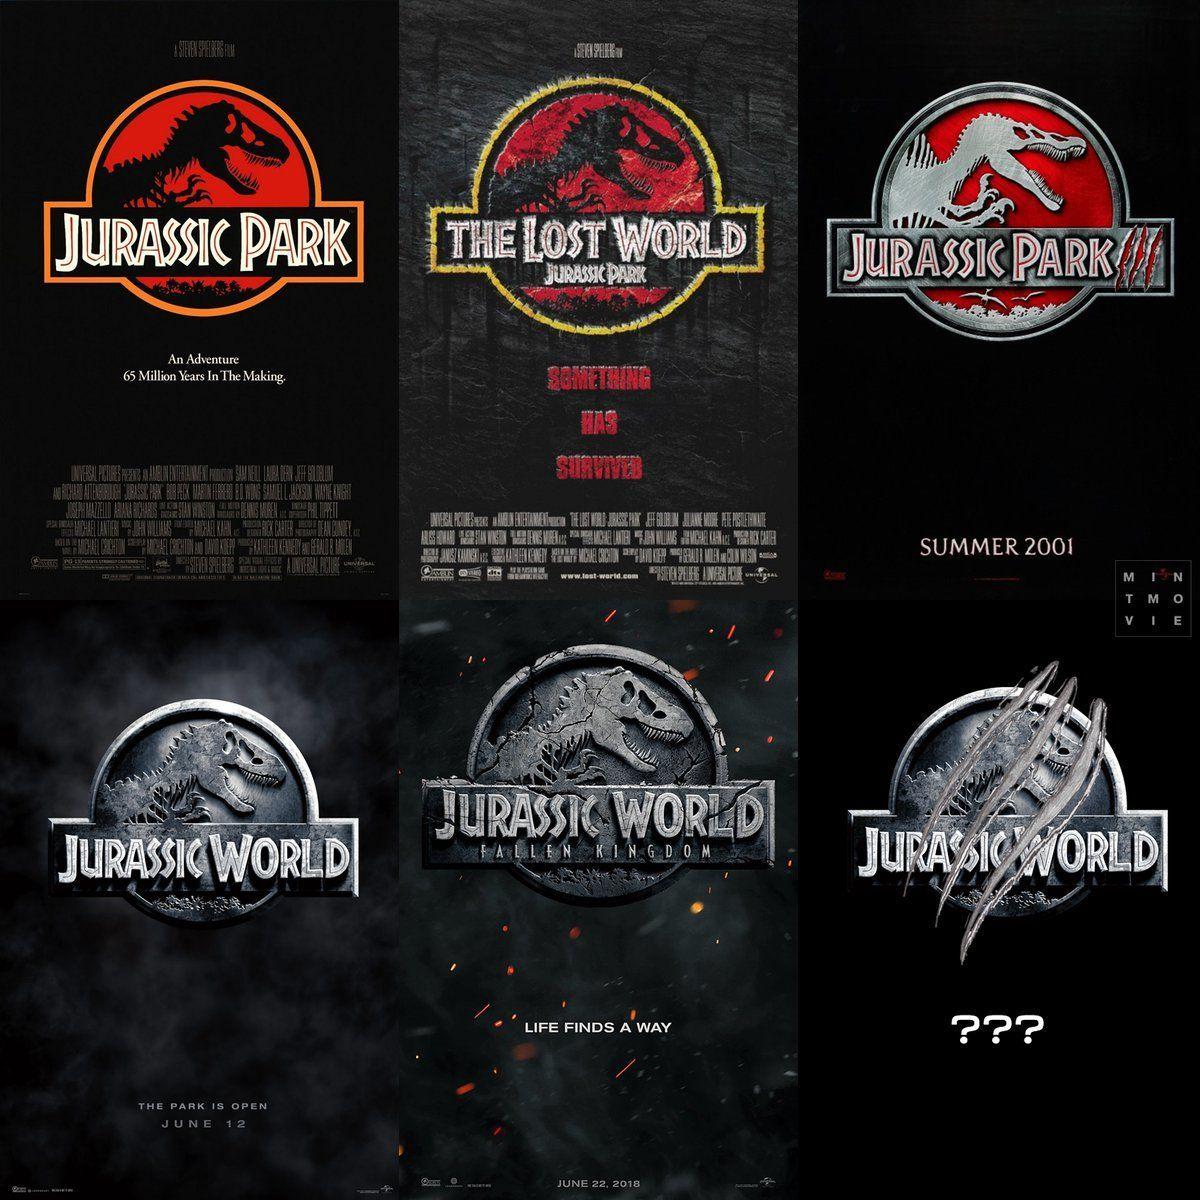 Jurassic Park 1993 The Lost World Jurassic Park 1997 Jurassic Park 03 2001 Jurassic Wo Jurassic Park Jurassic World Dinosaurs Jurassic World